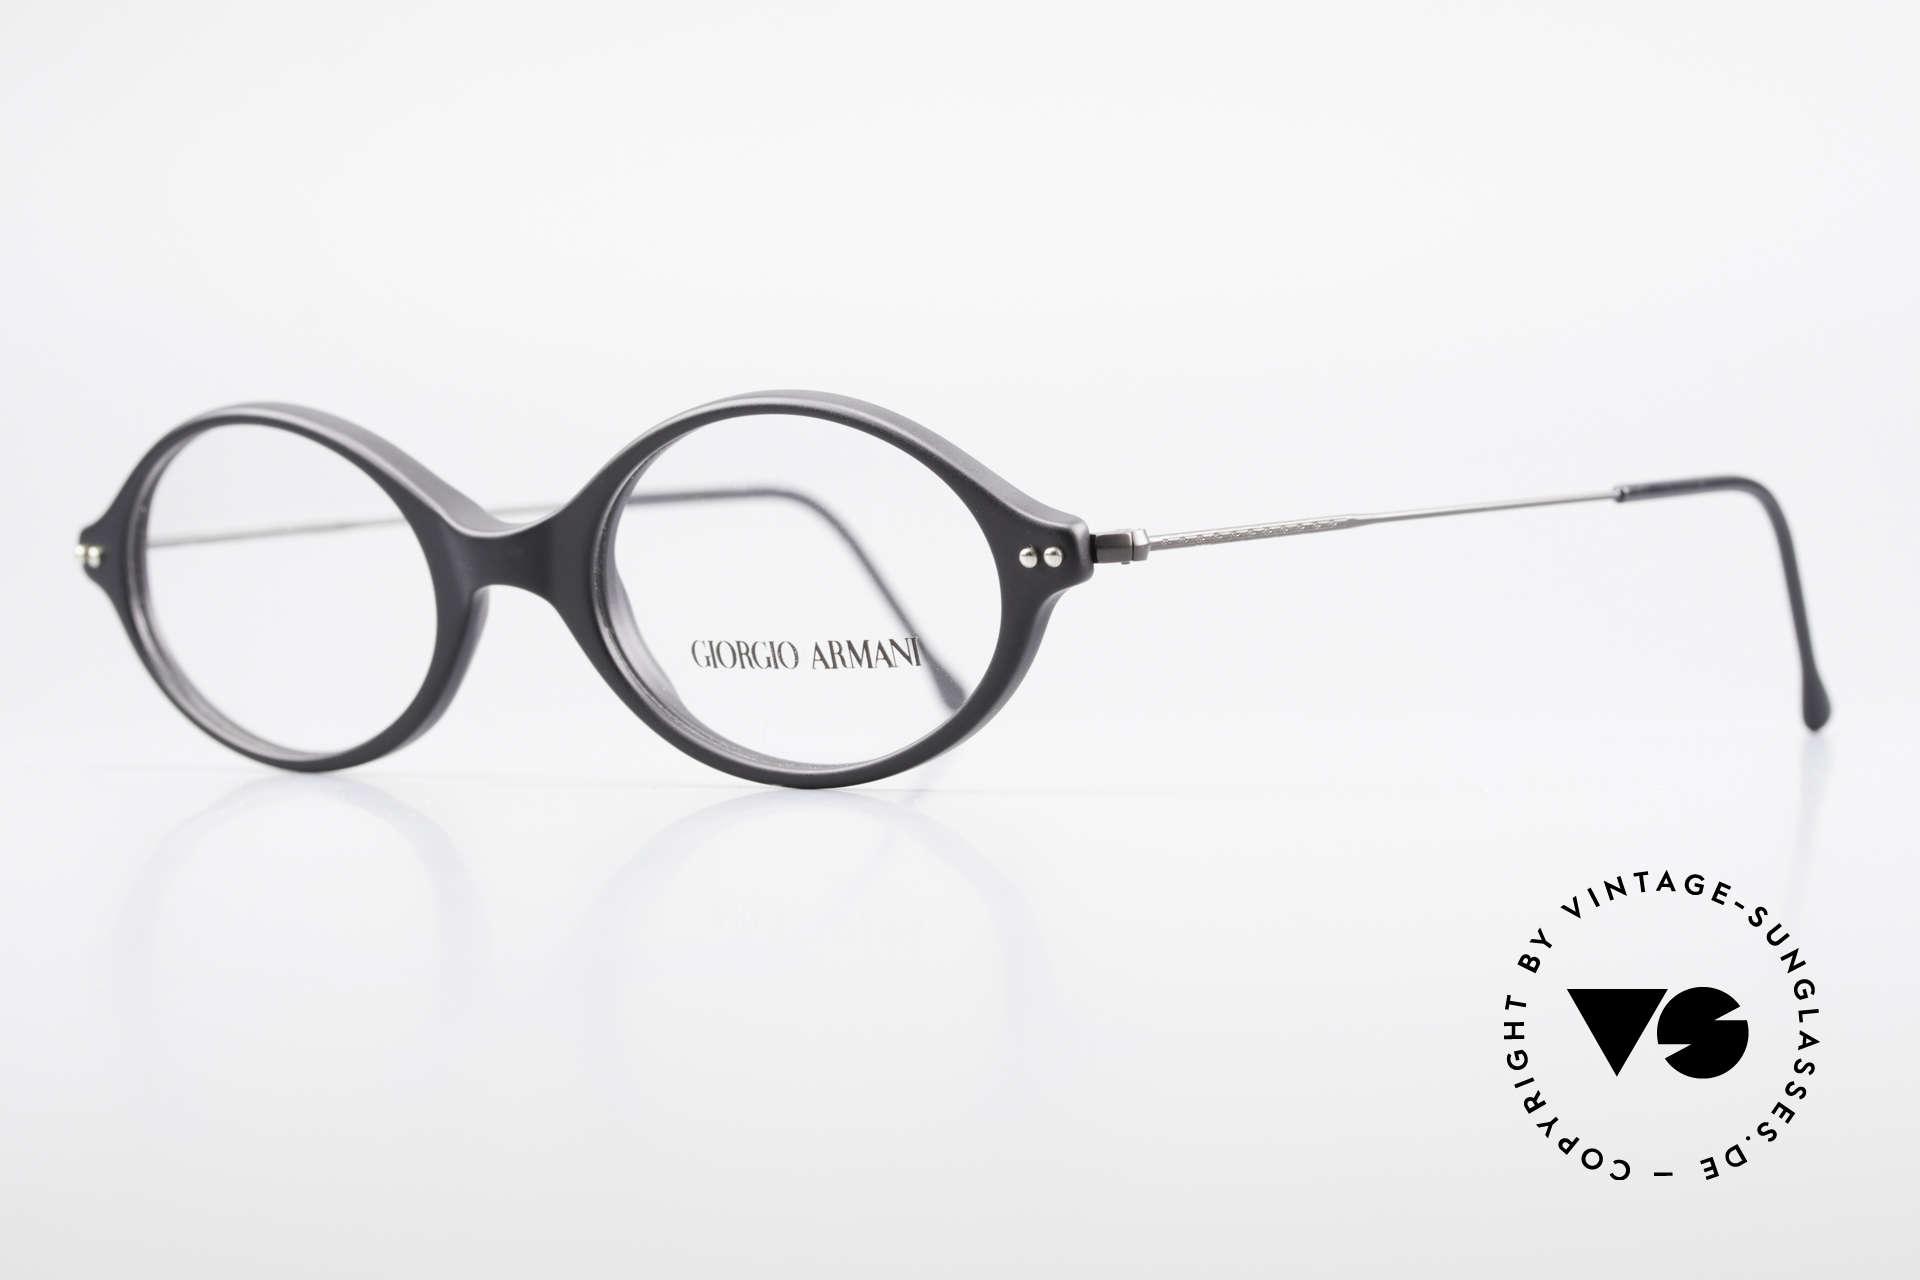 Giorgio Armani 378 90er Unisex Fassung Oval, Kunststoff-Front mit fein verzierten Draht-Bügeln, Passend für Herren und Damen